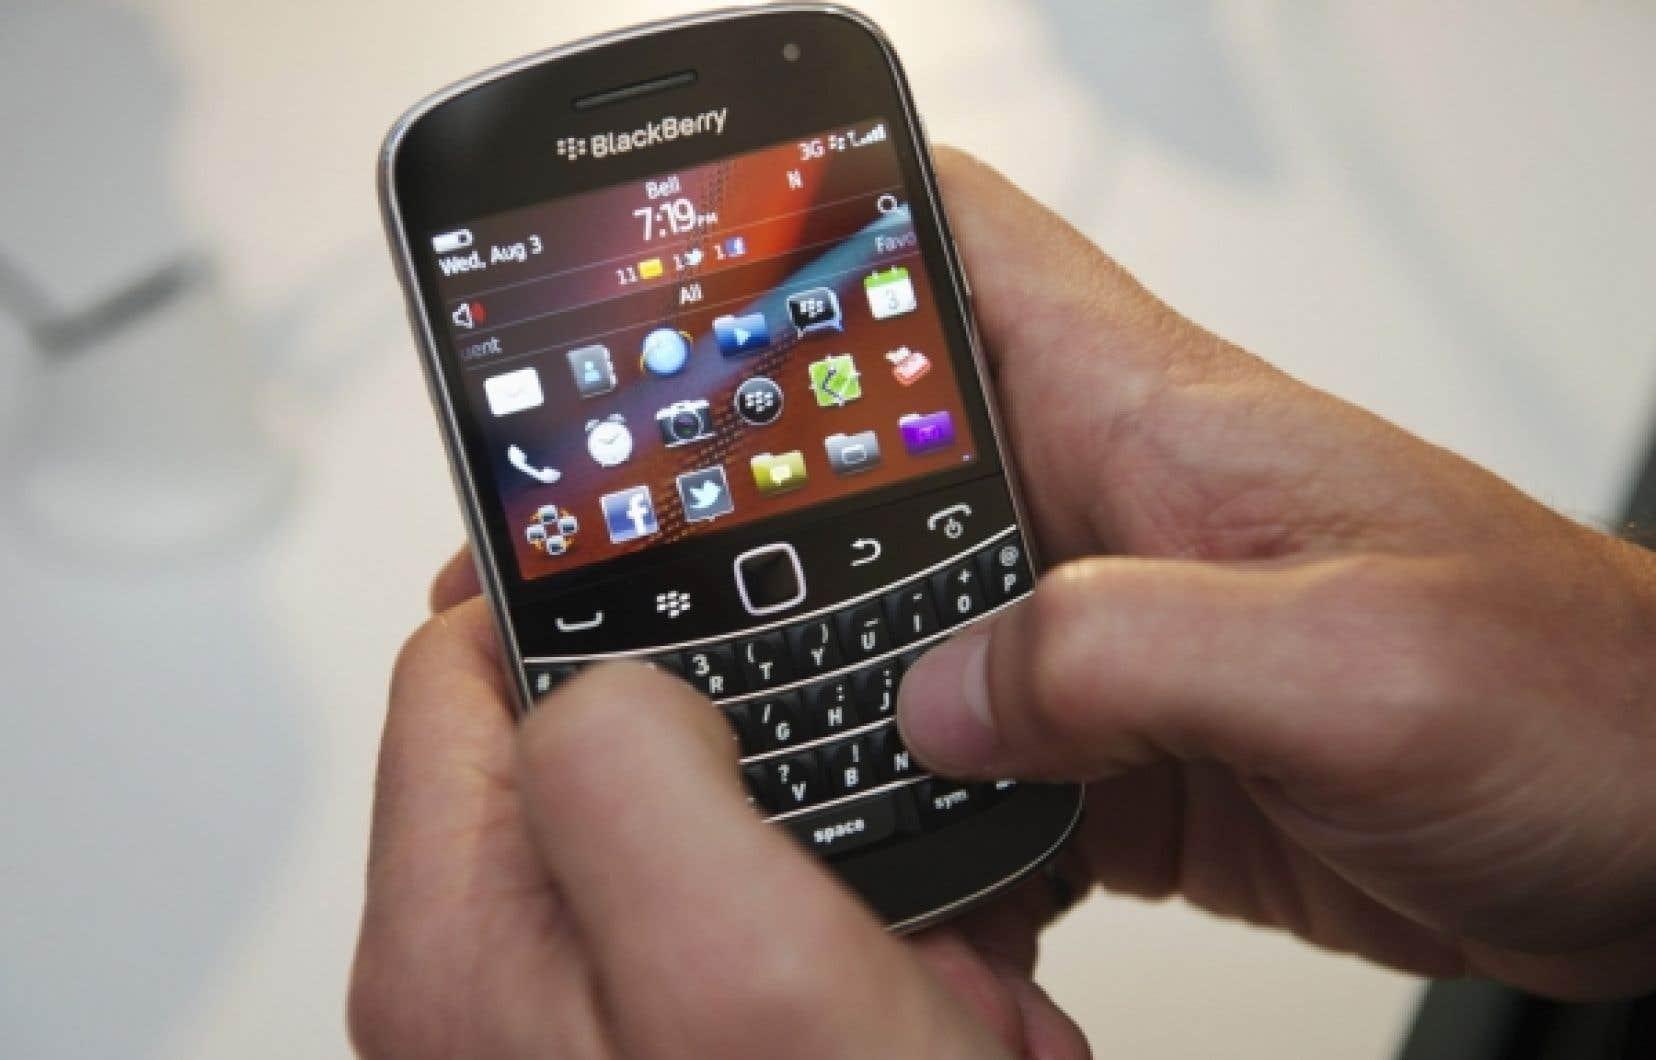 Le BlackBerry, cet outil de désir du début du siècle qui, en 2001, a fait entrer le courriel, puis le Web, la photo, la vidéo dans l'ère de la mobilité, n'a plus trop la cote.